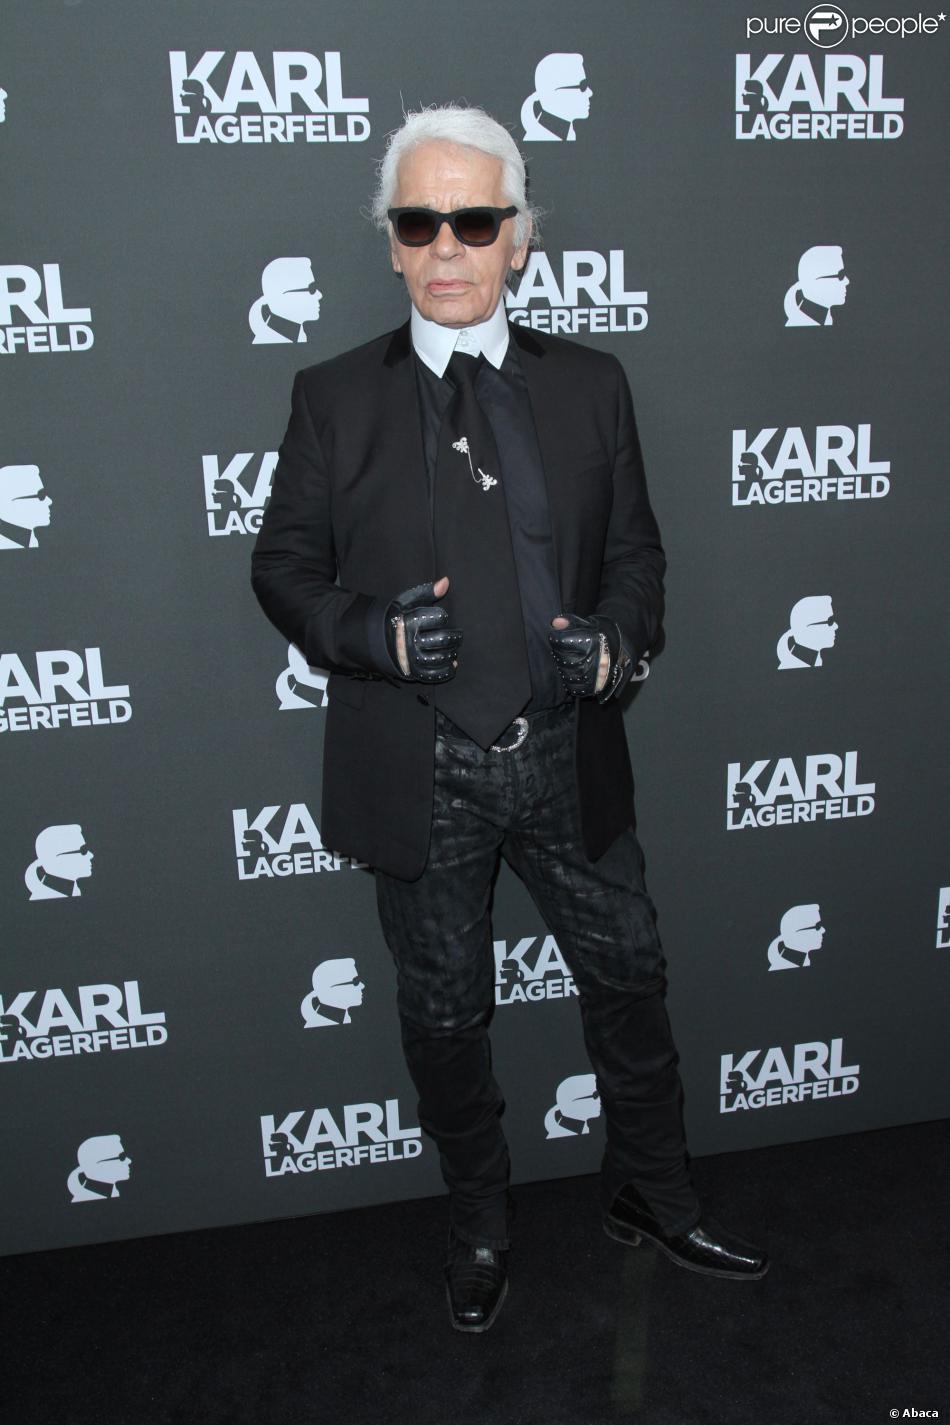 Karl Lagerfeld à Munich, le 4 septembre 2013.